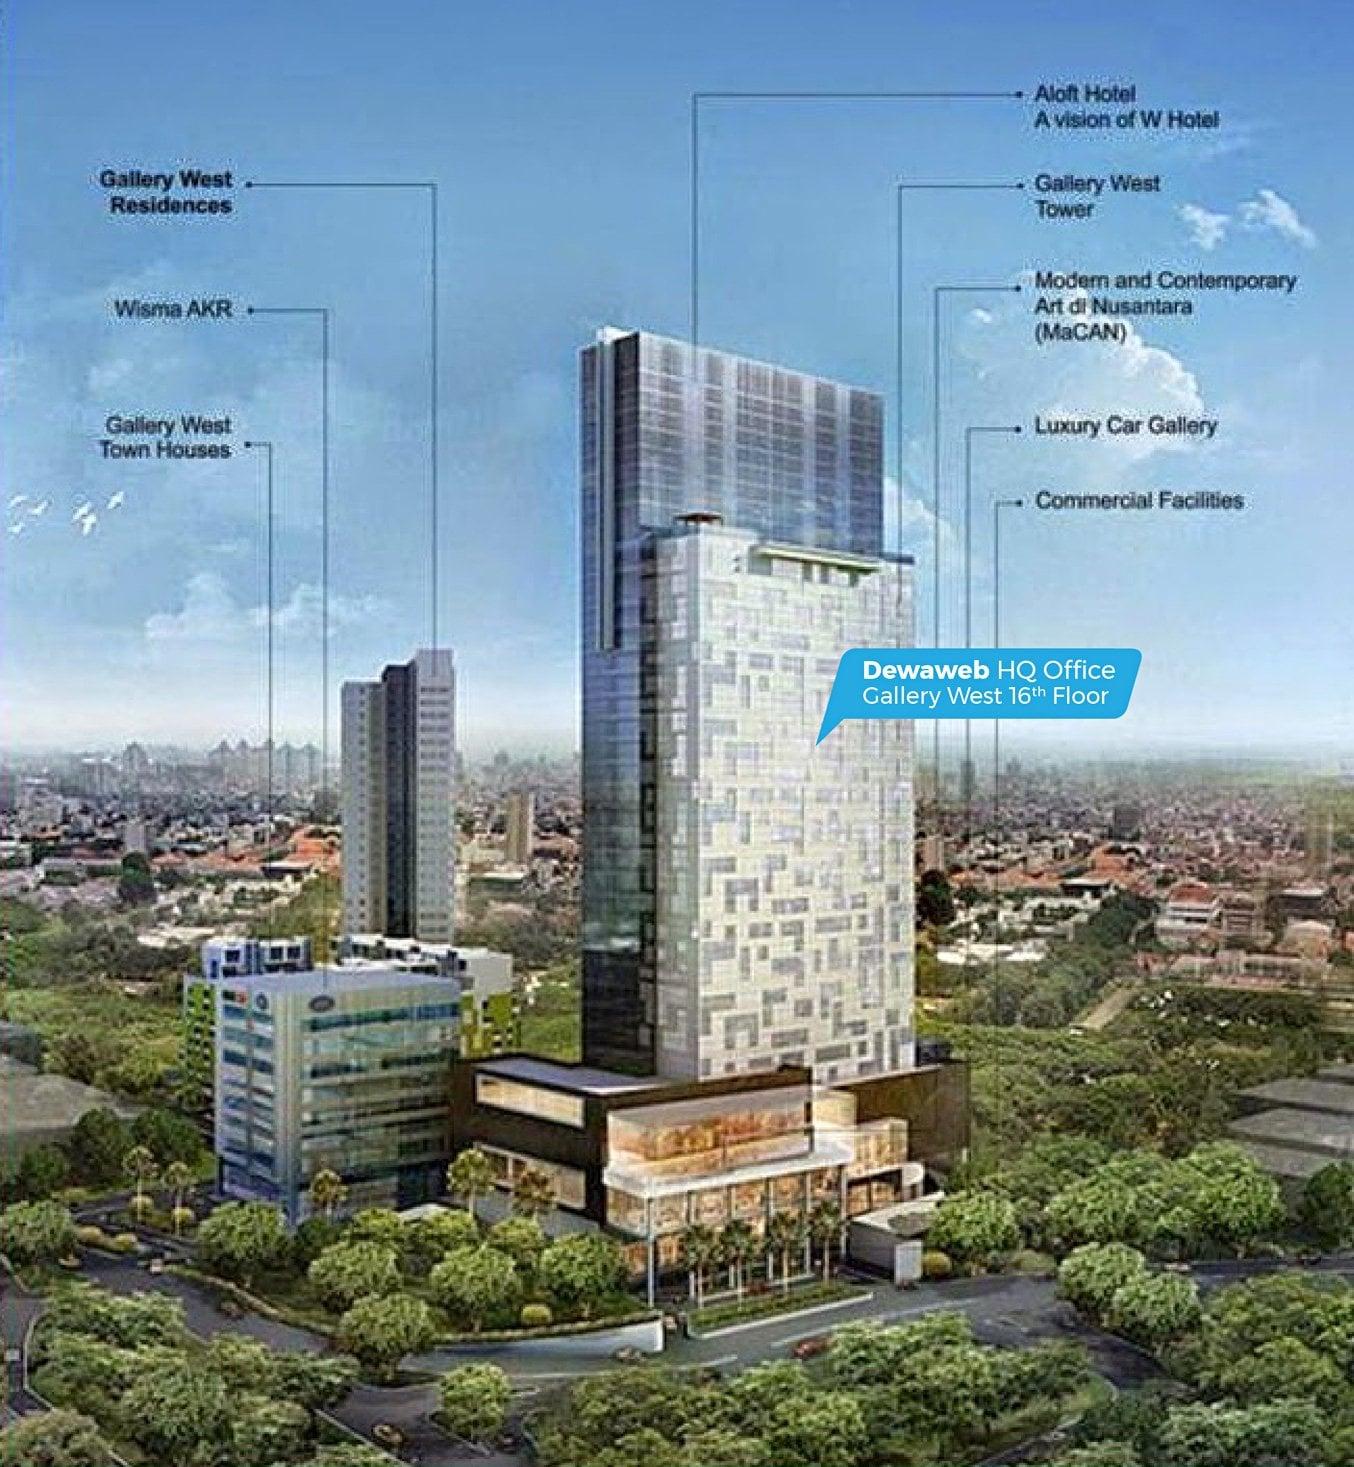 1 gallerywest-office-tower-dewaweb-16th-floor